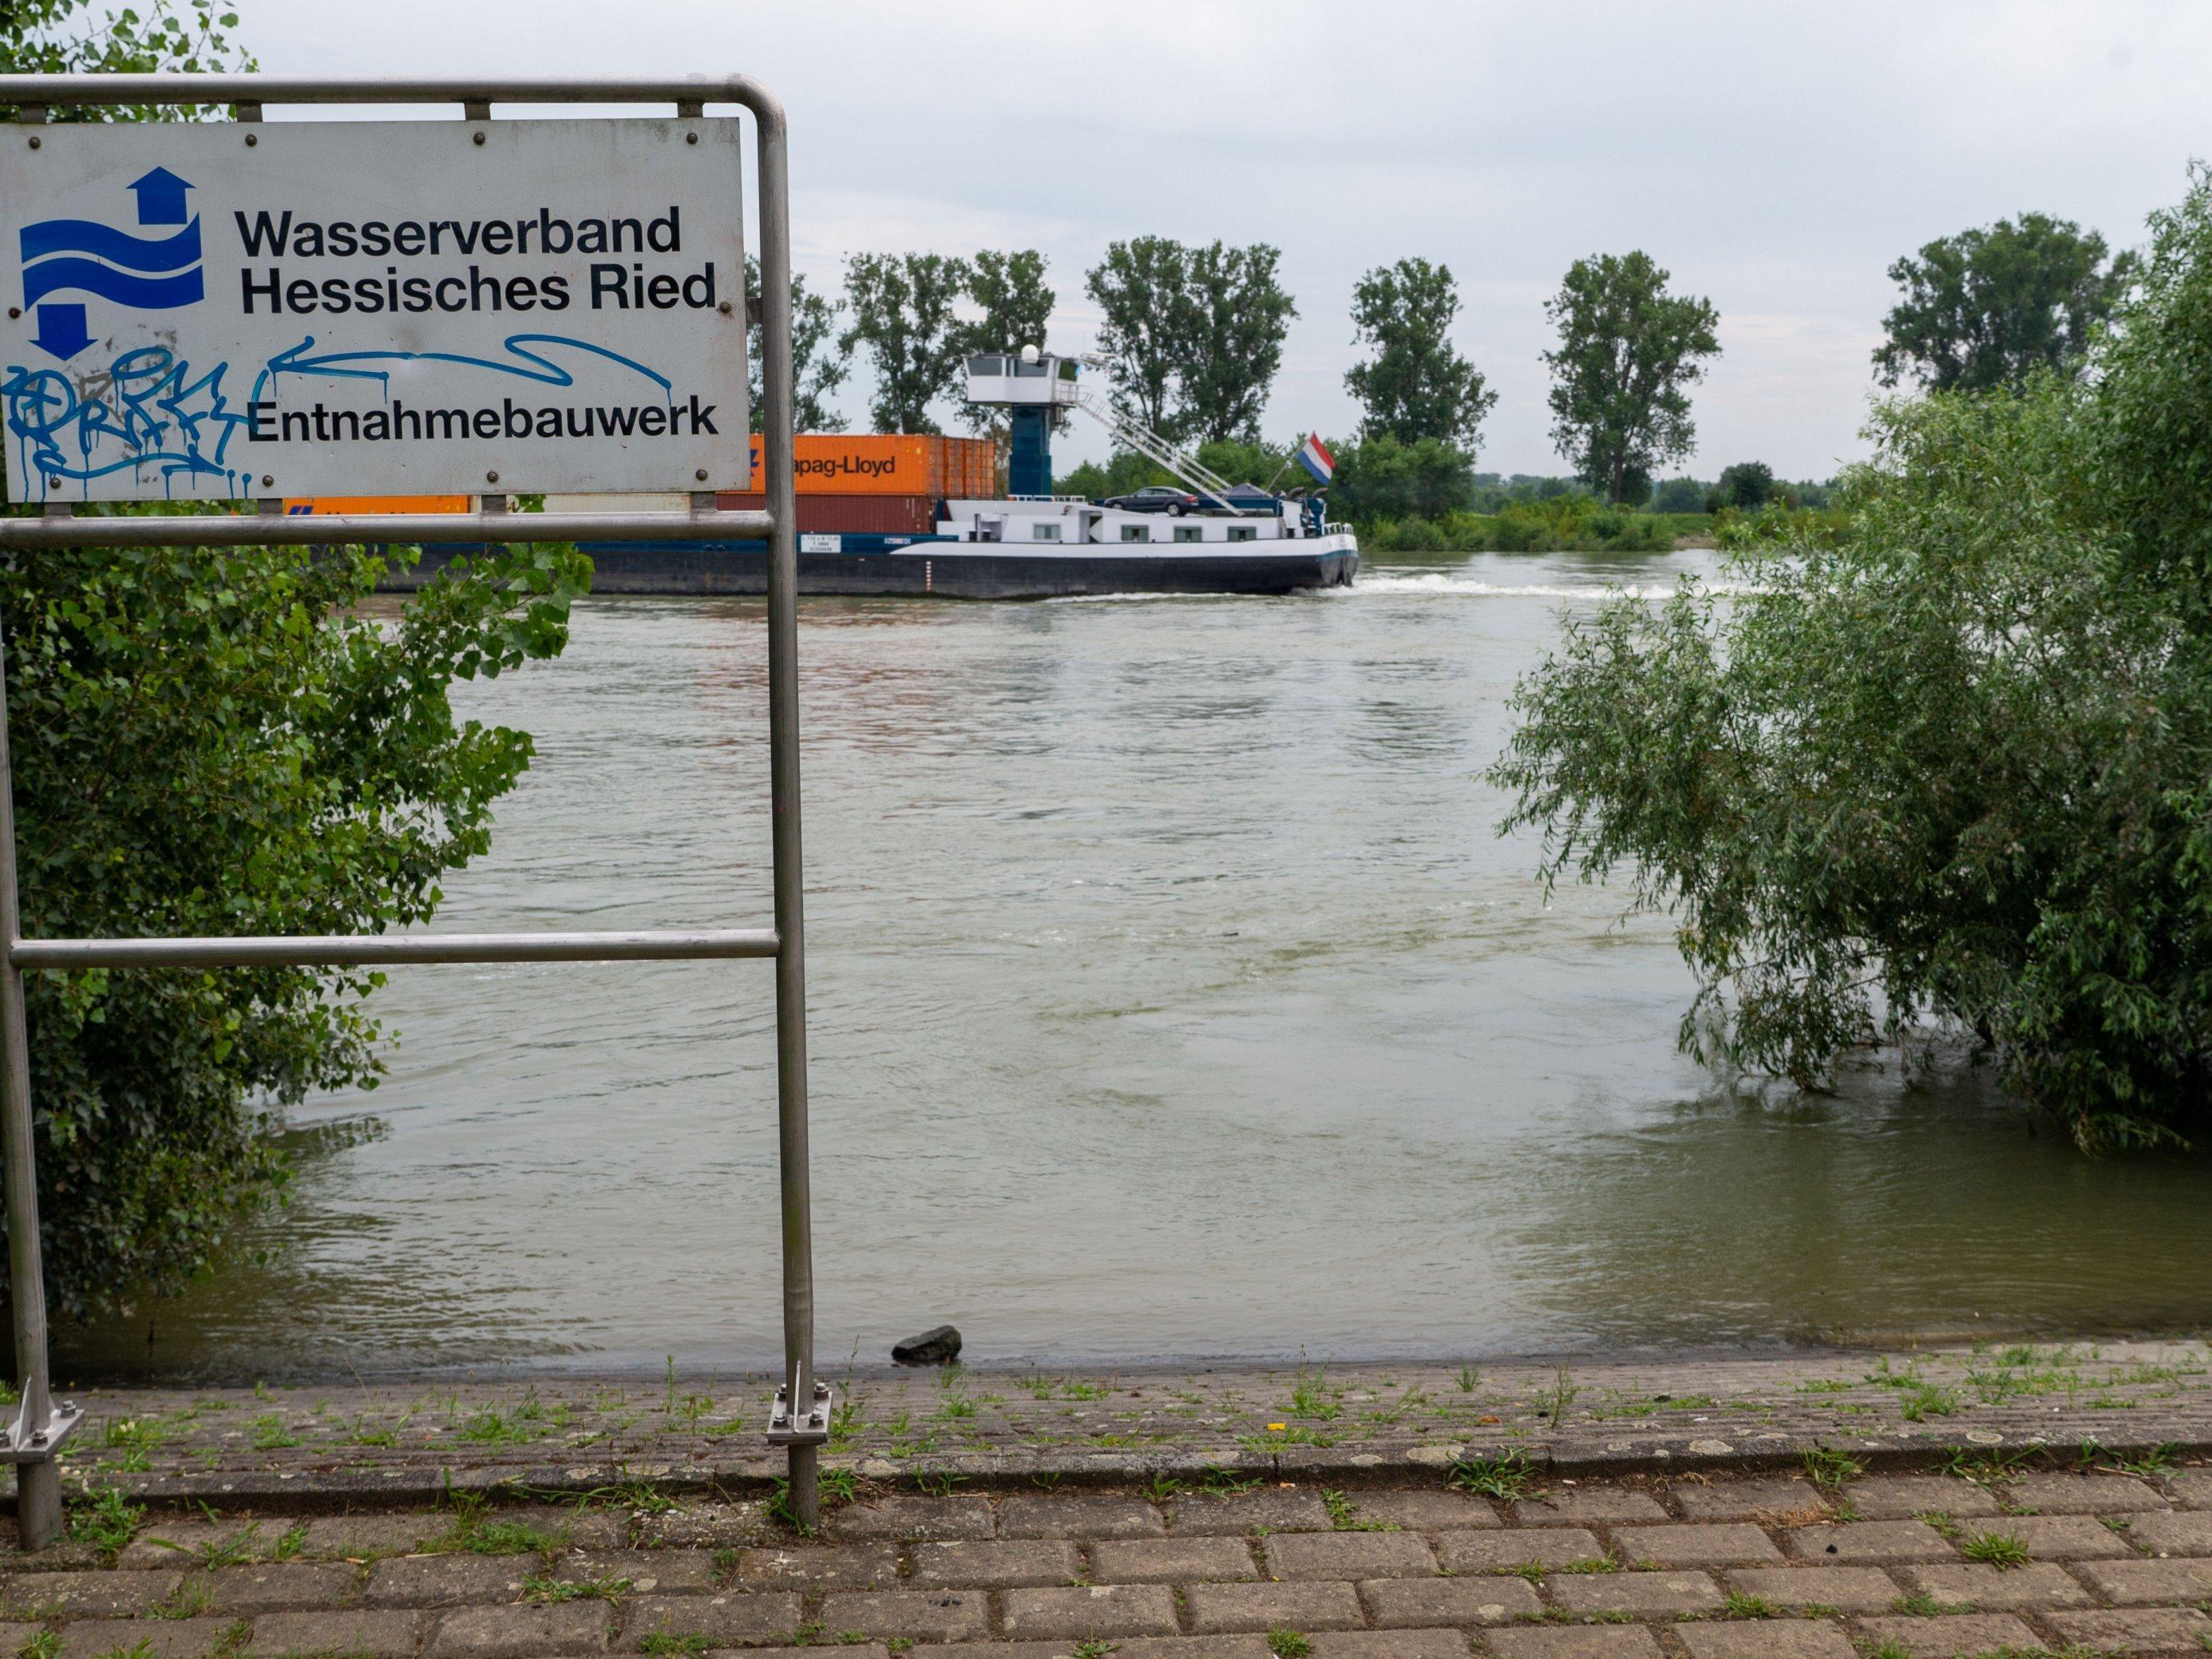 """Schild """"Entnahmebauwerk"""" direkt am Rheinufer, Auf dem Fluss fährt ein Schiff zum linken Bildrand"""